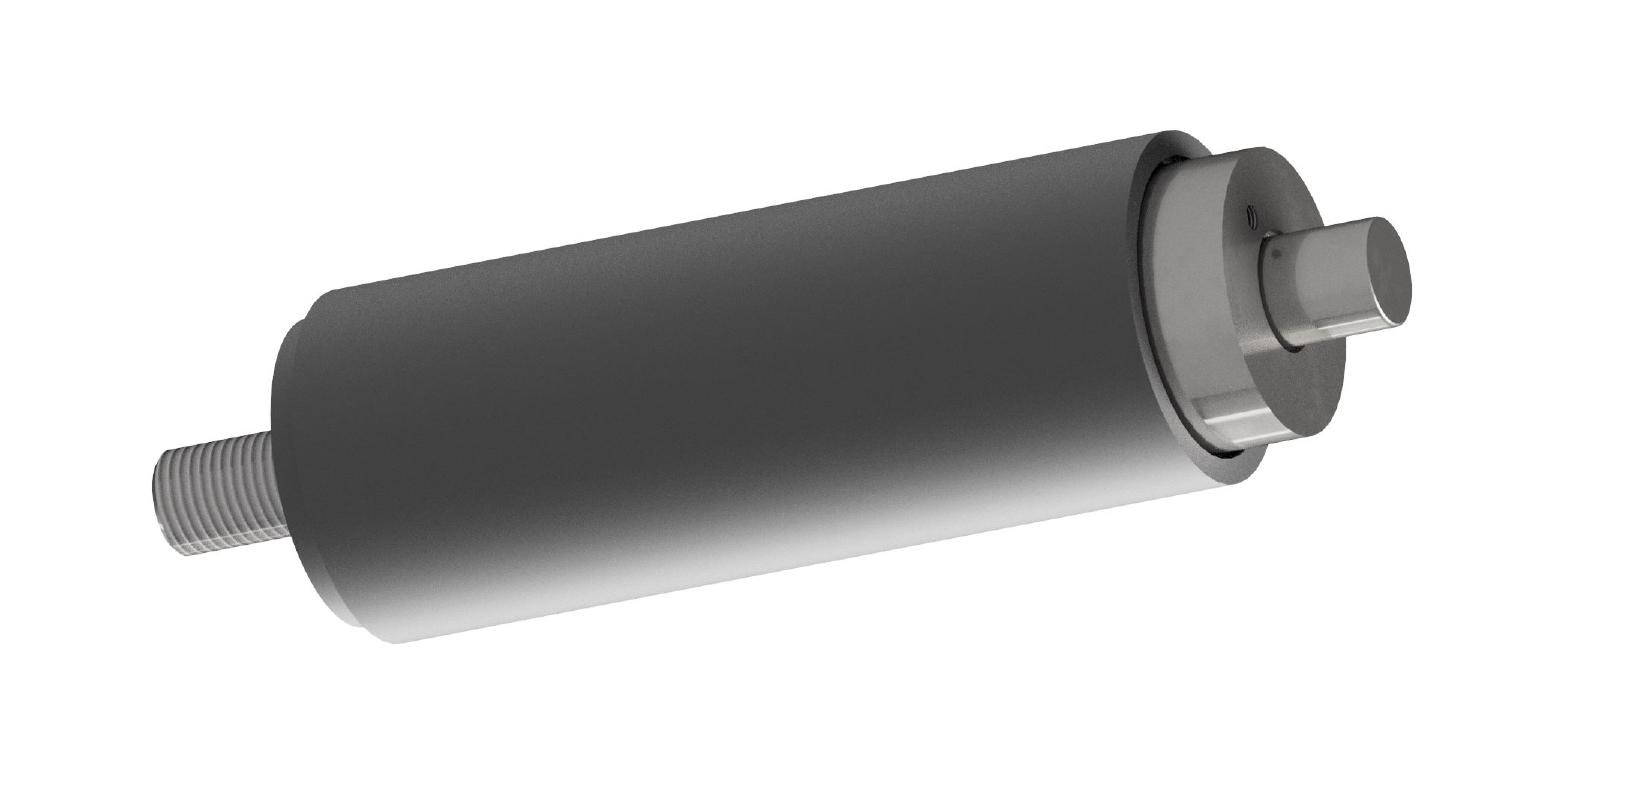 Elastormer Kettenspanner von Linser Industrie Service